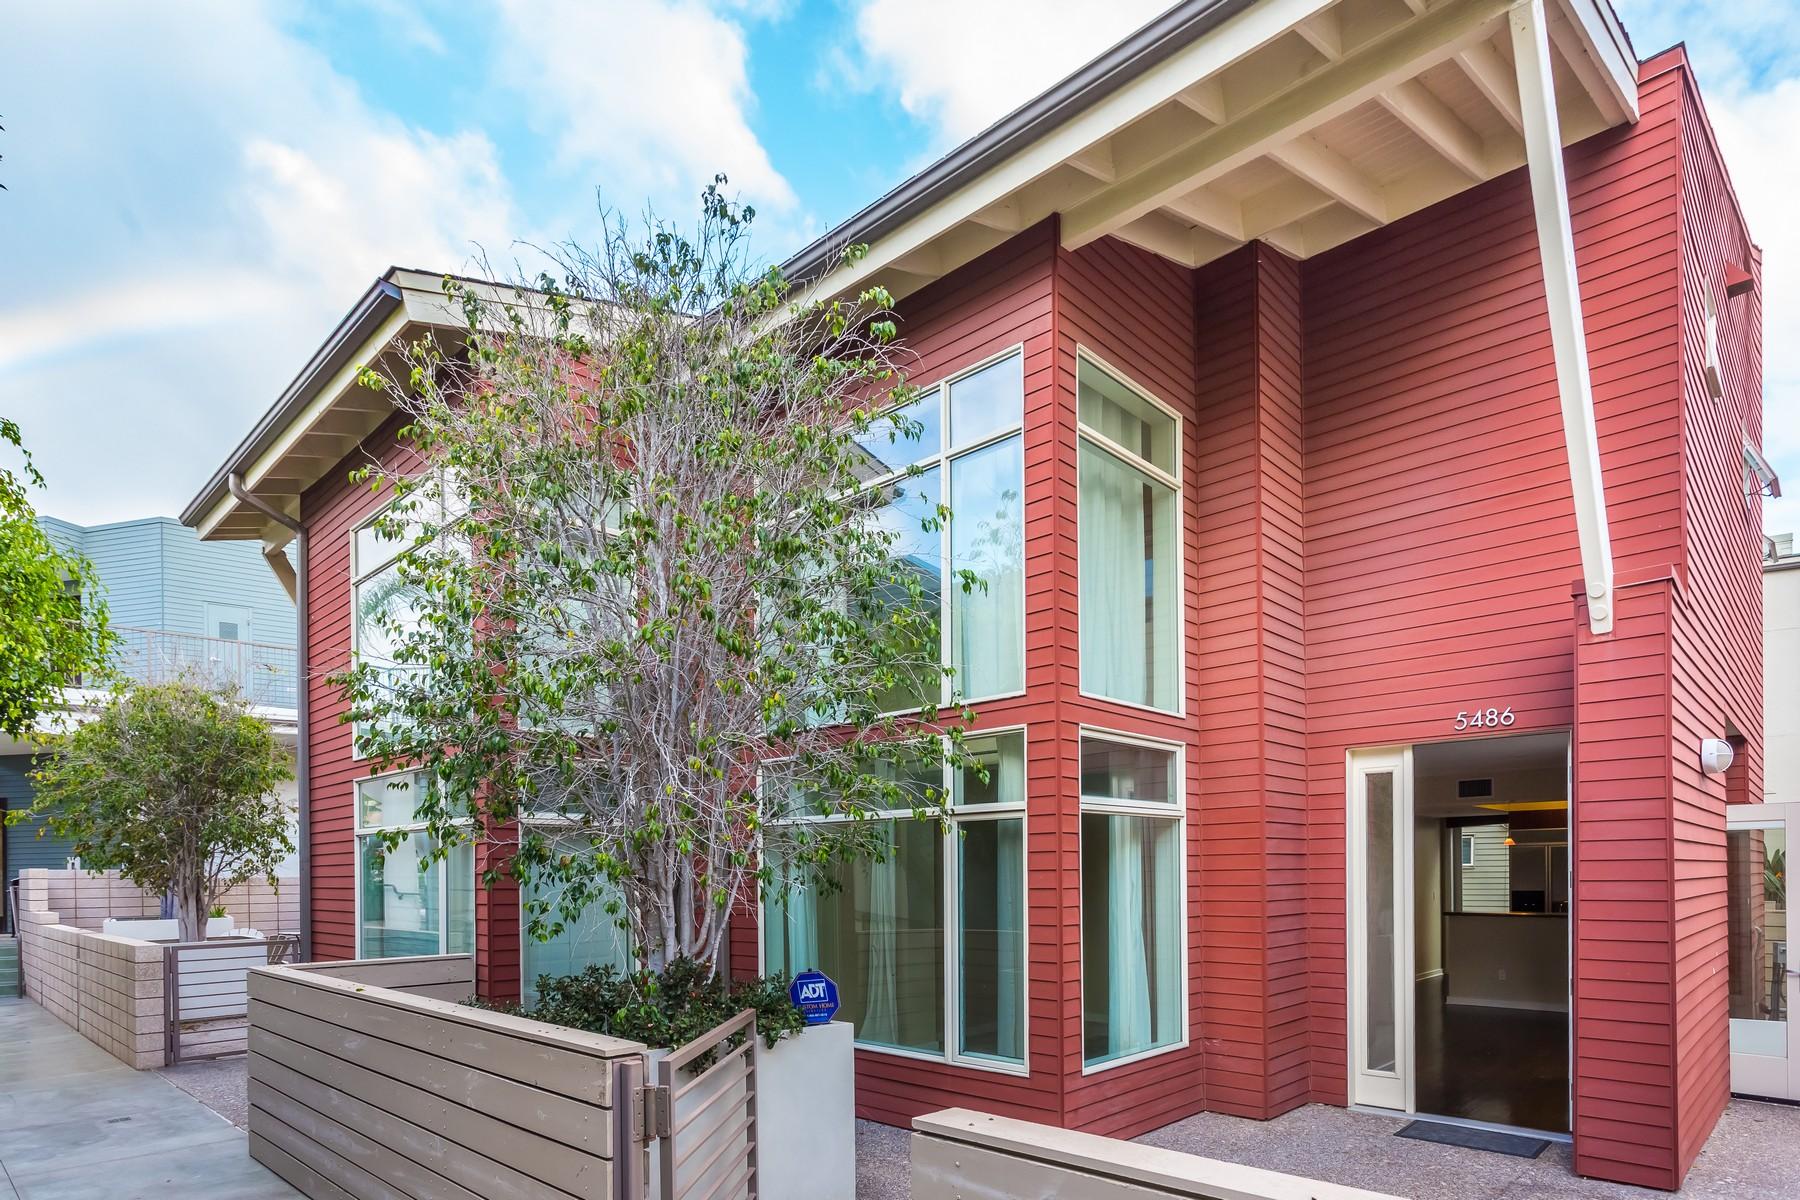 Villa per Vendita alle ore 5486 La Jolla Blvd 5486 La Jolla Blvd L-102 La Jolla, California 92037 Stati Uniti